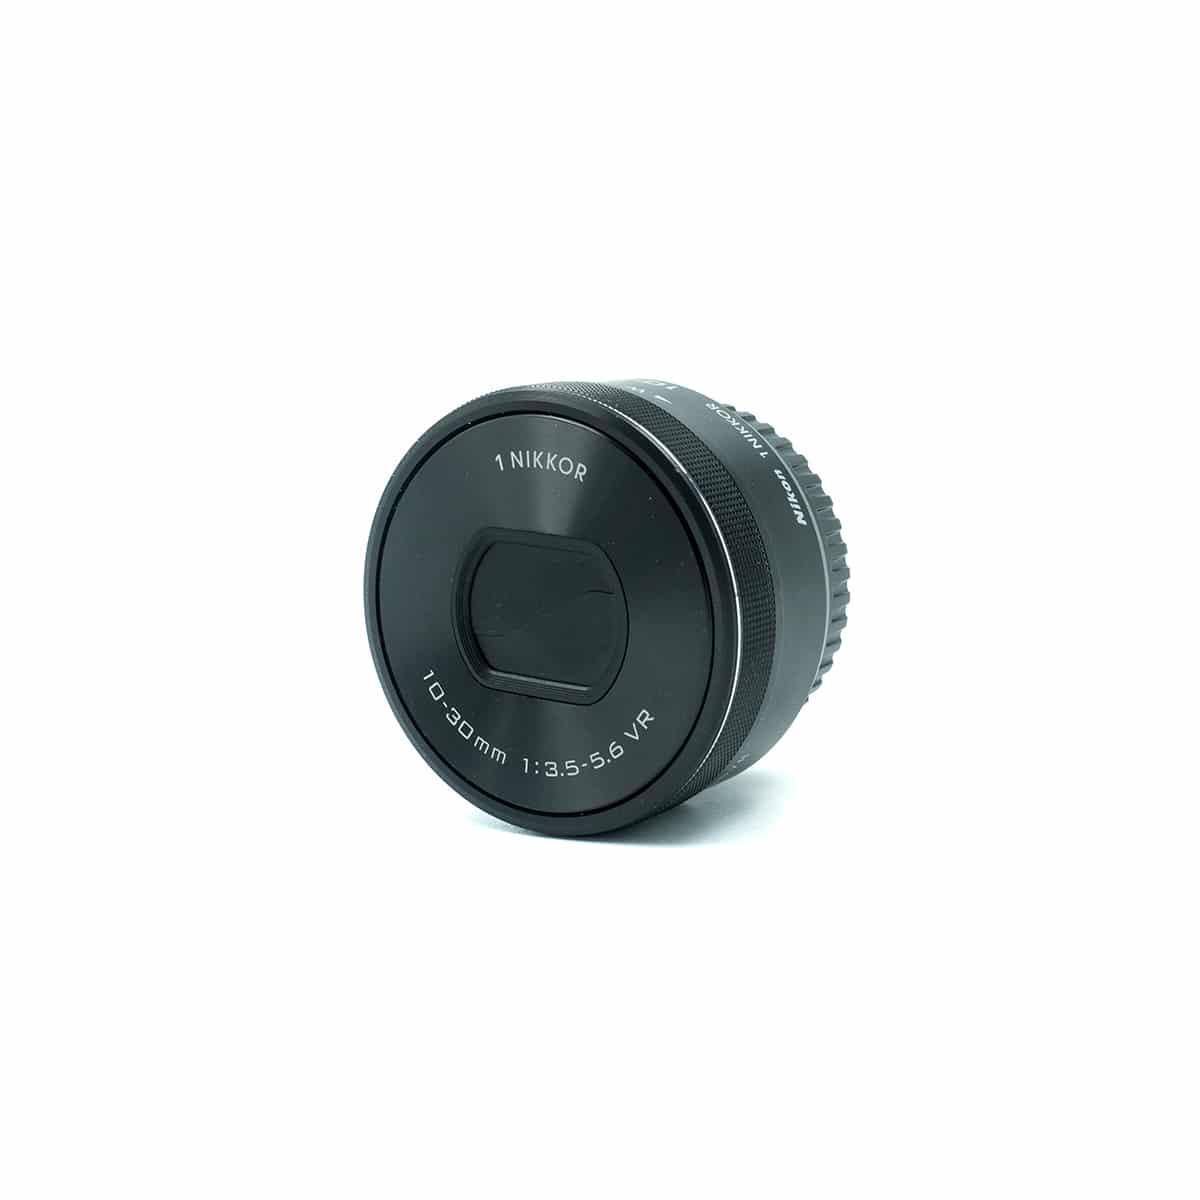 nikon 1 nikkor 10-30mm 3.5-5.6 vr